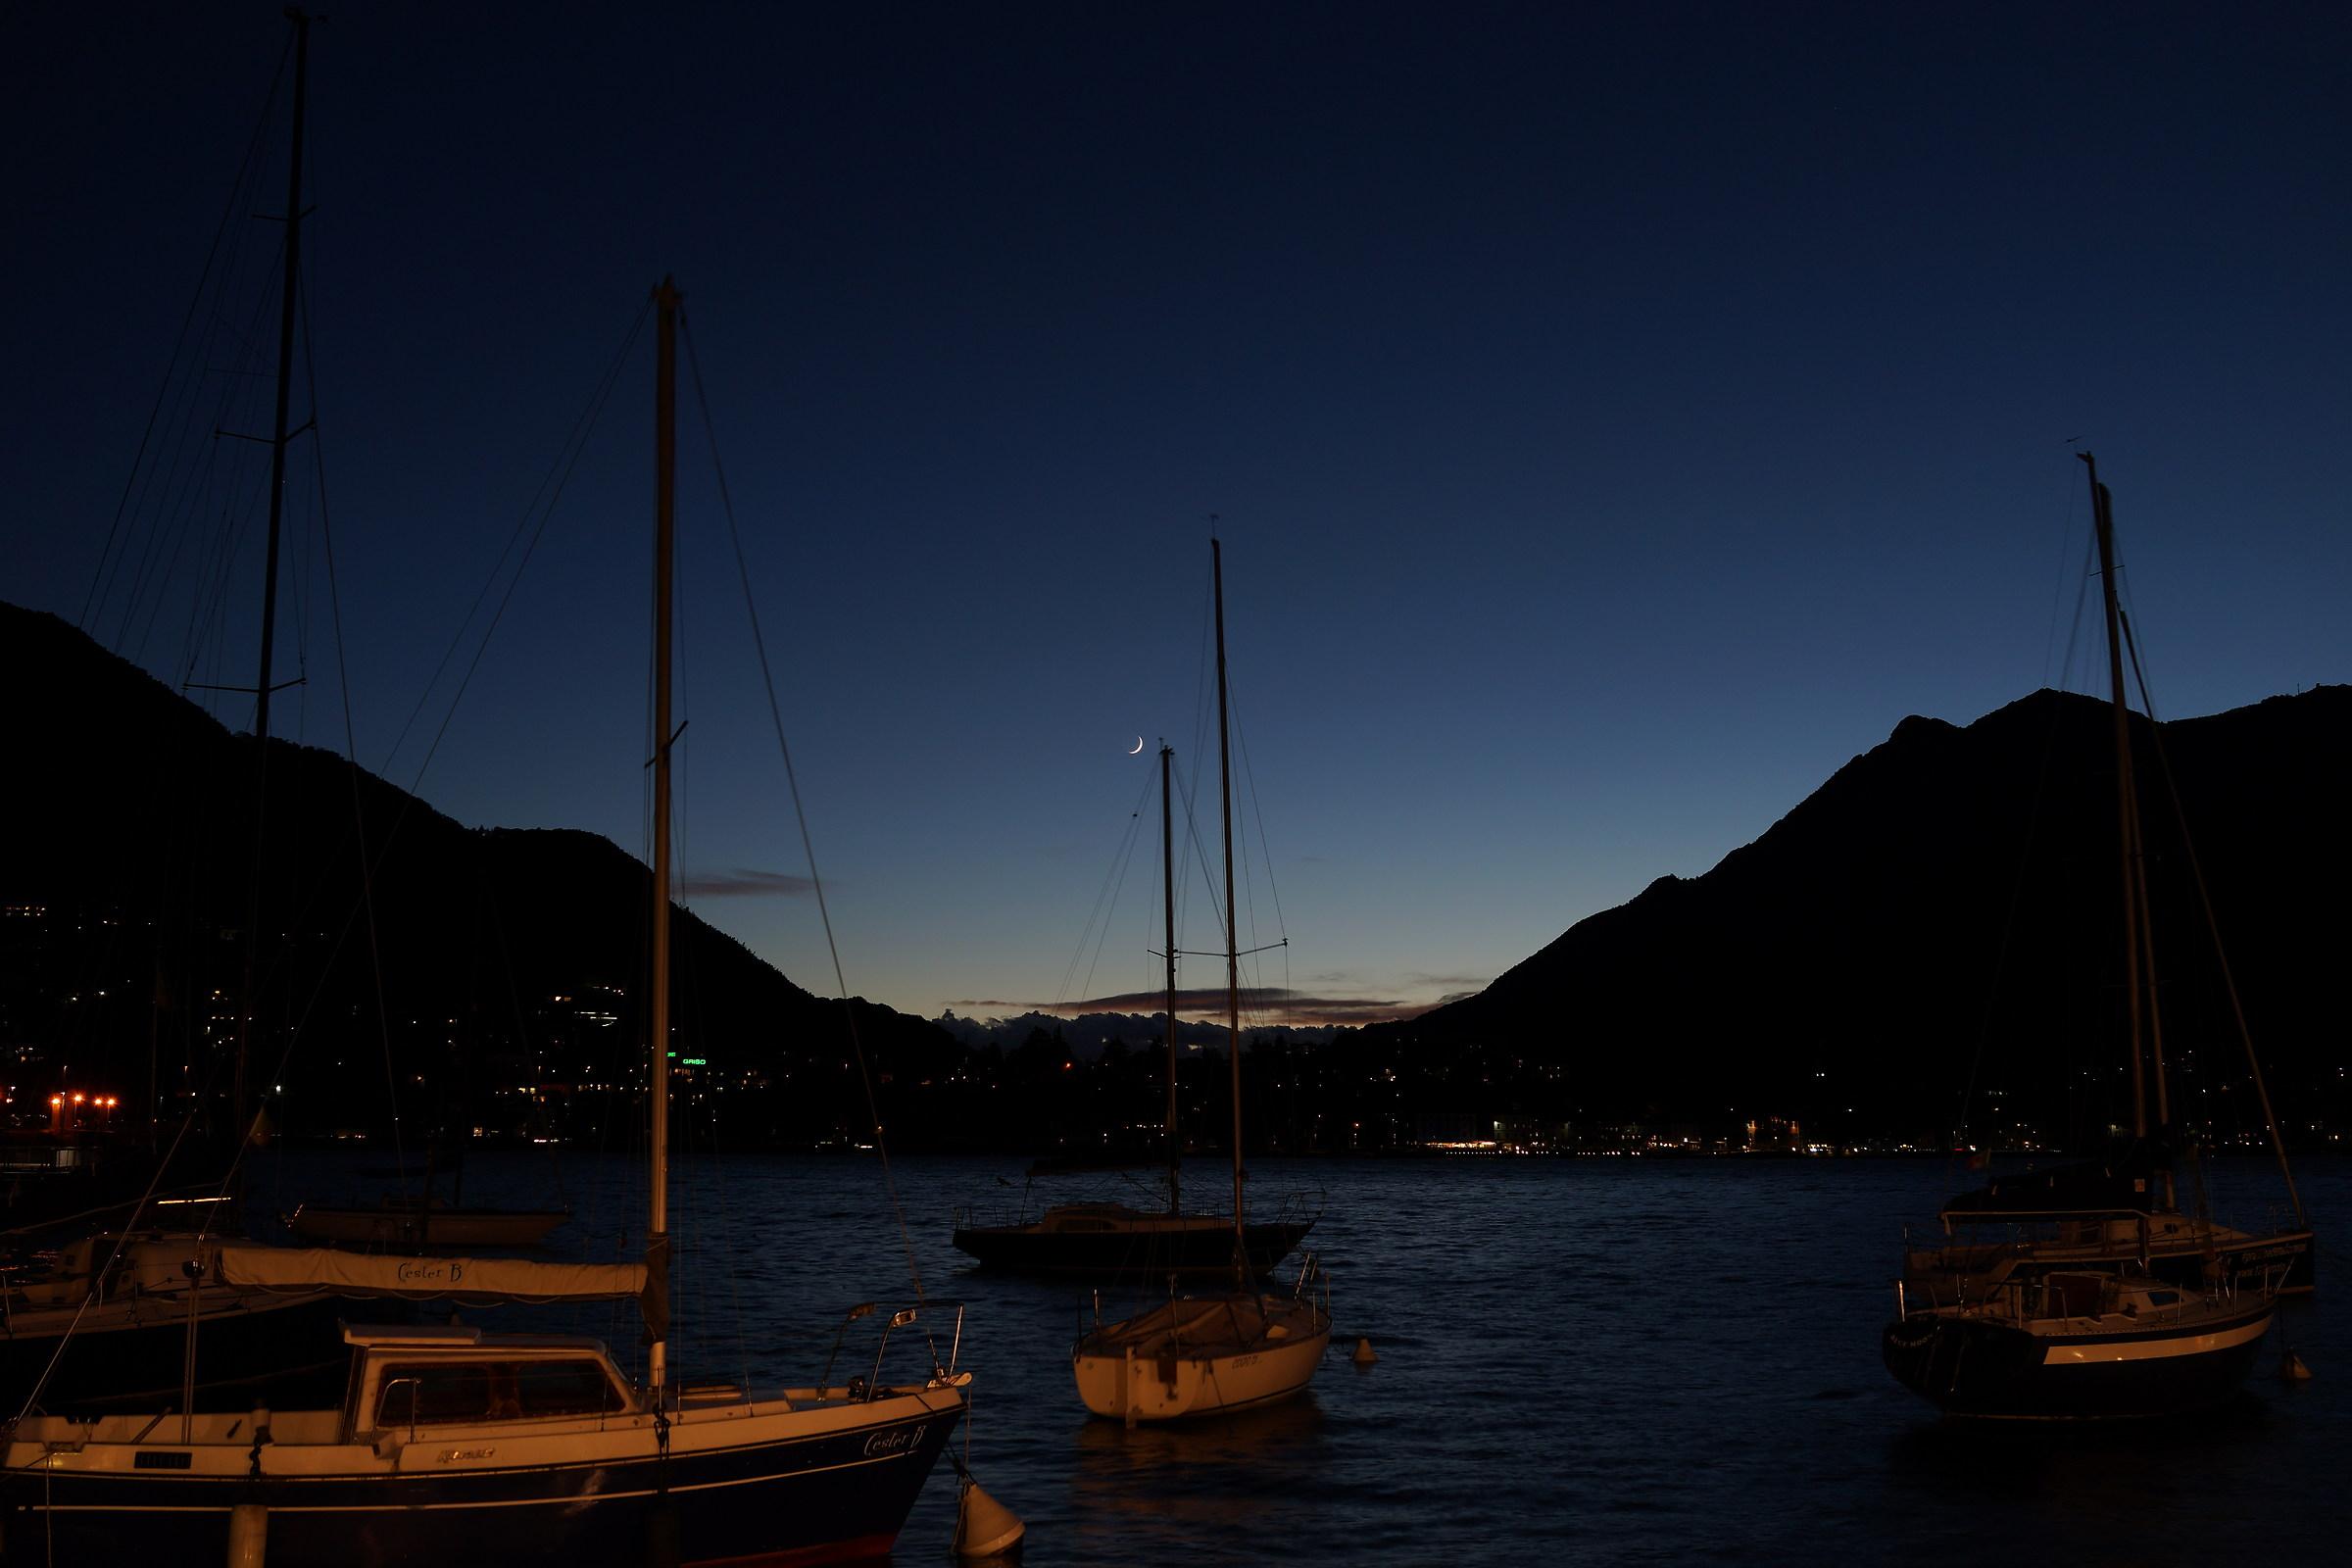 lago di Lecco, tramonto con barche...